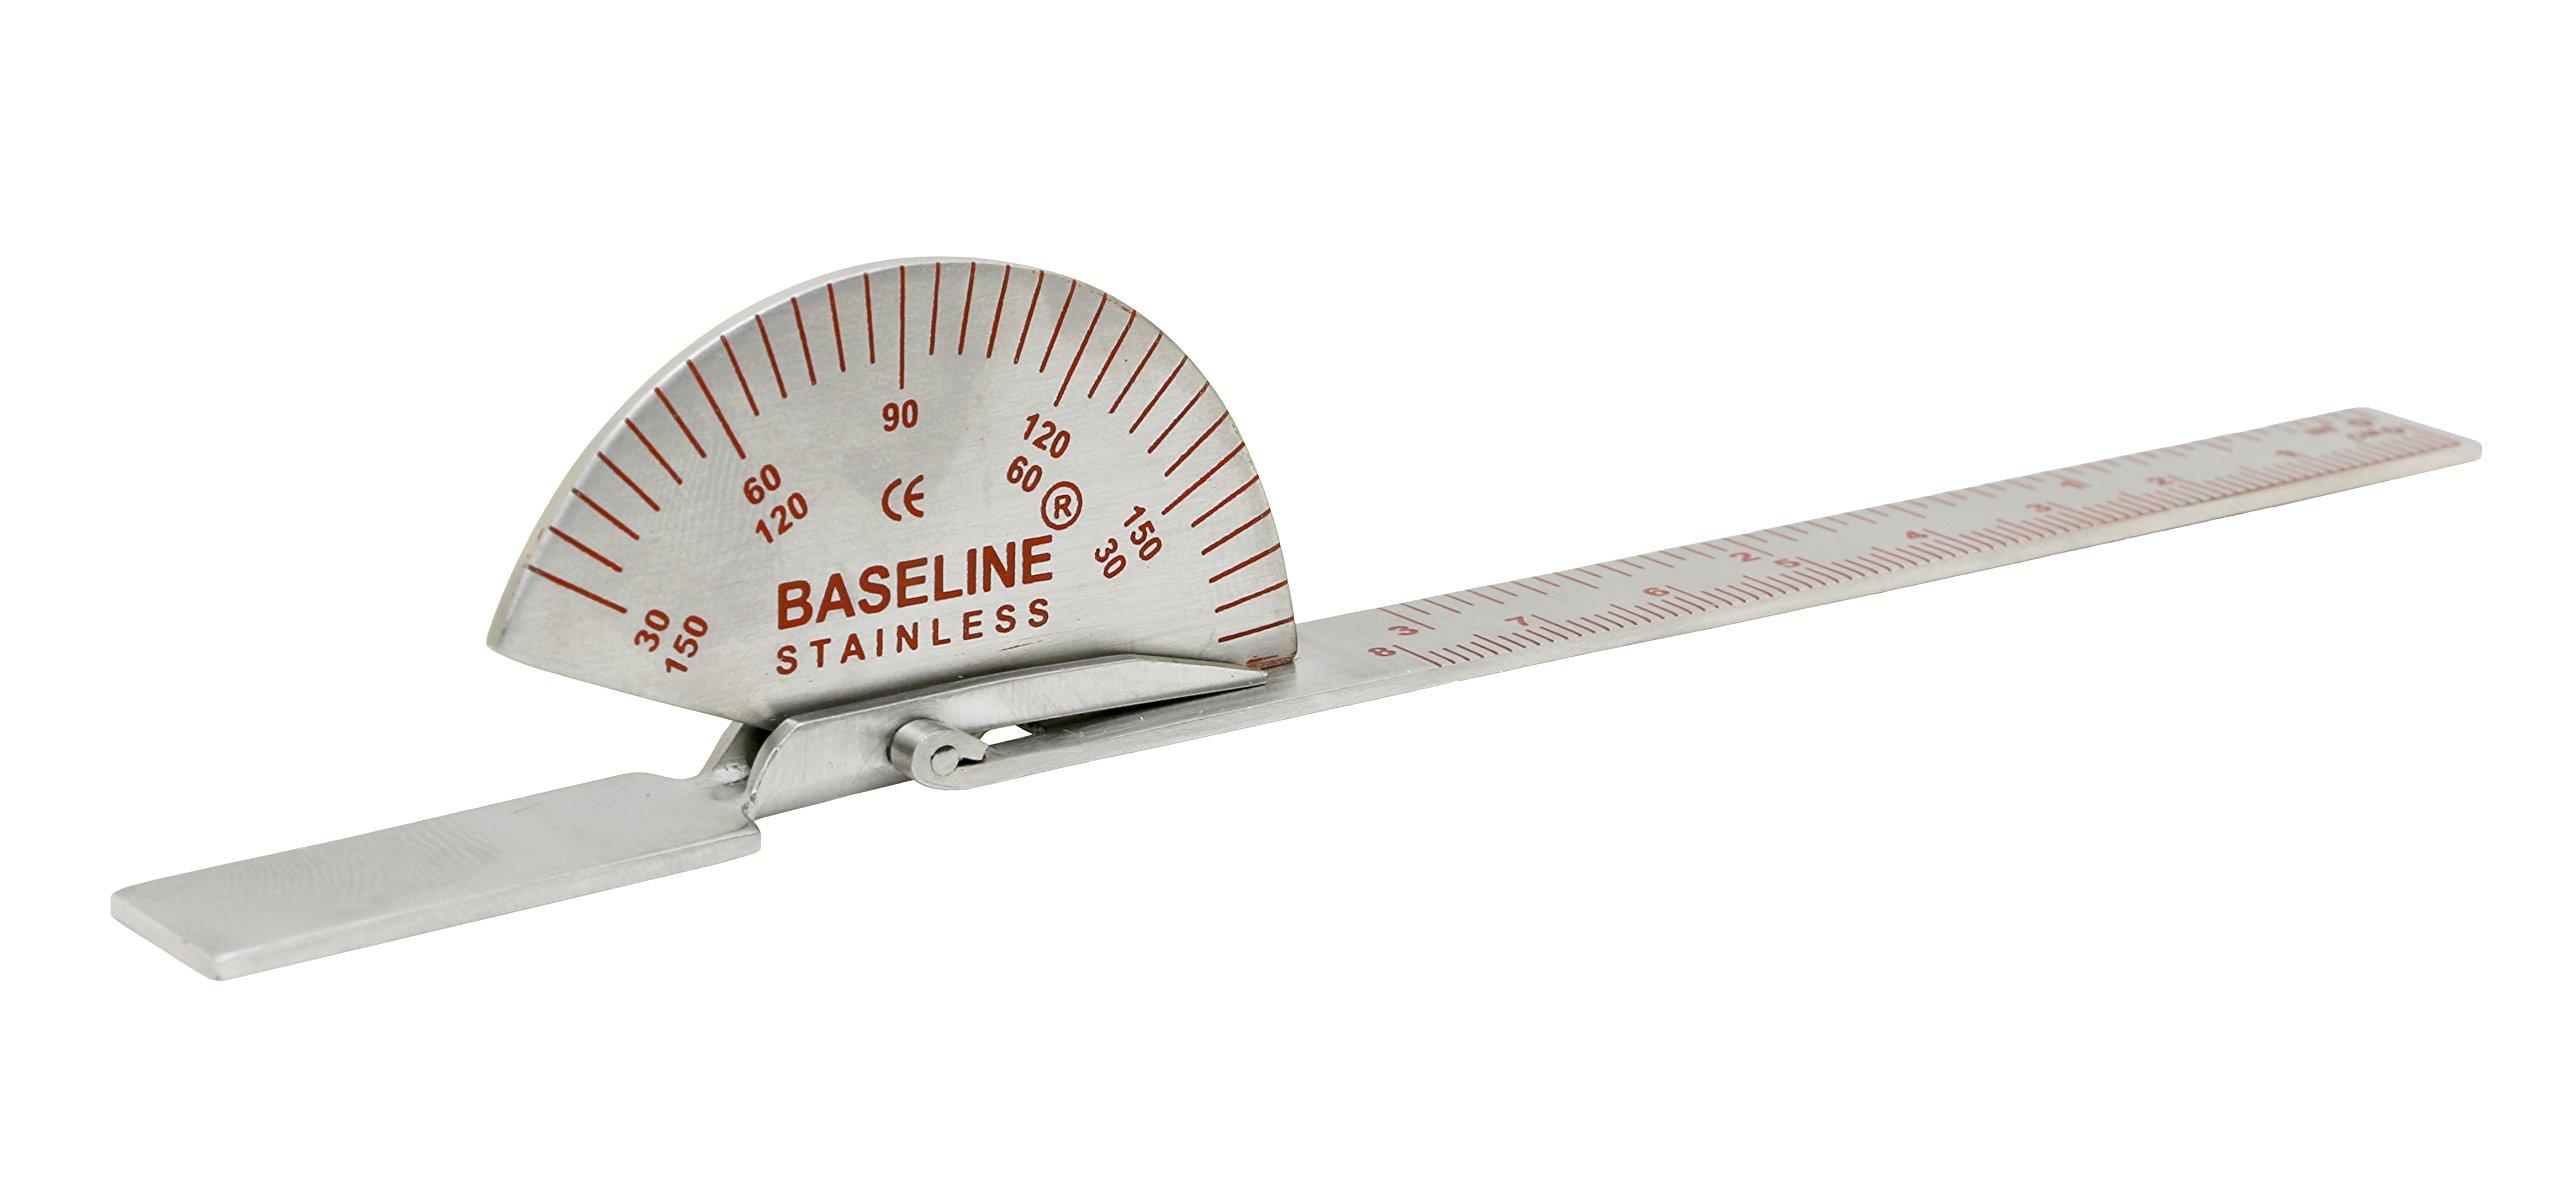 """Baseline 12-1010 Stainless Steel Finger Goniometer, 6"""" Length"""